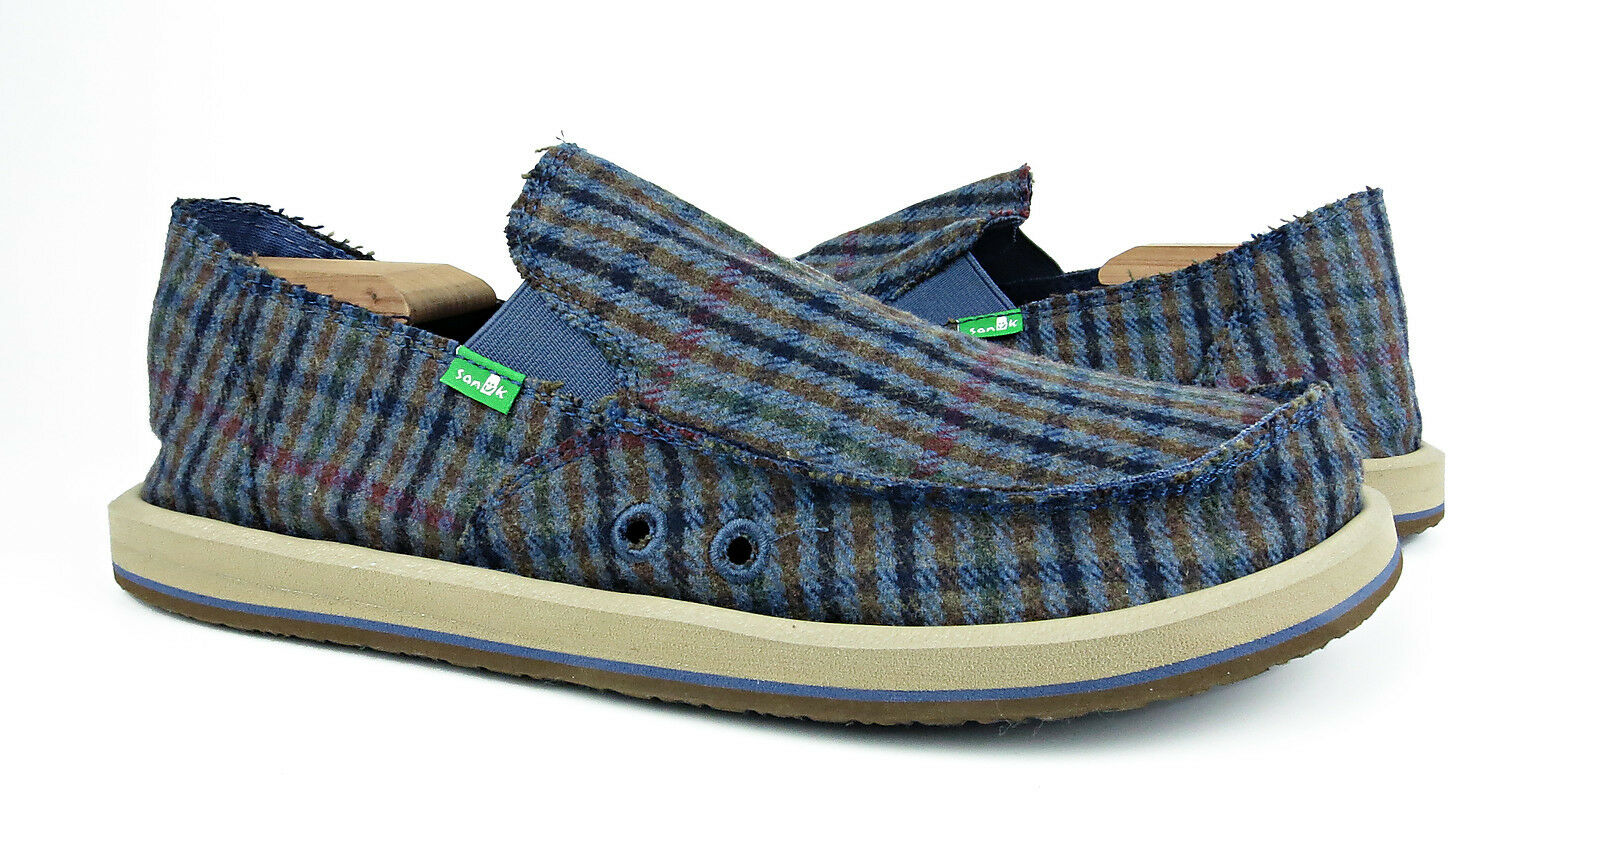 Sanuk Donny bluee Hounds Sidewalk Surfer shoes Mens Size 9 NEW